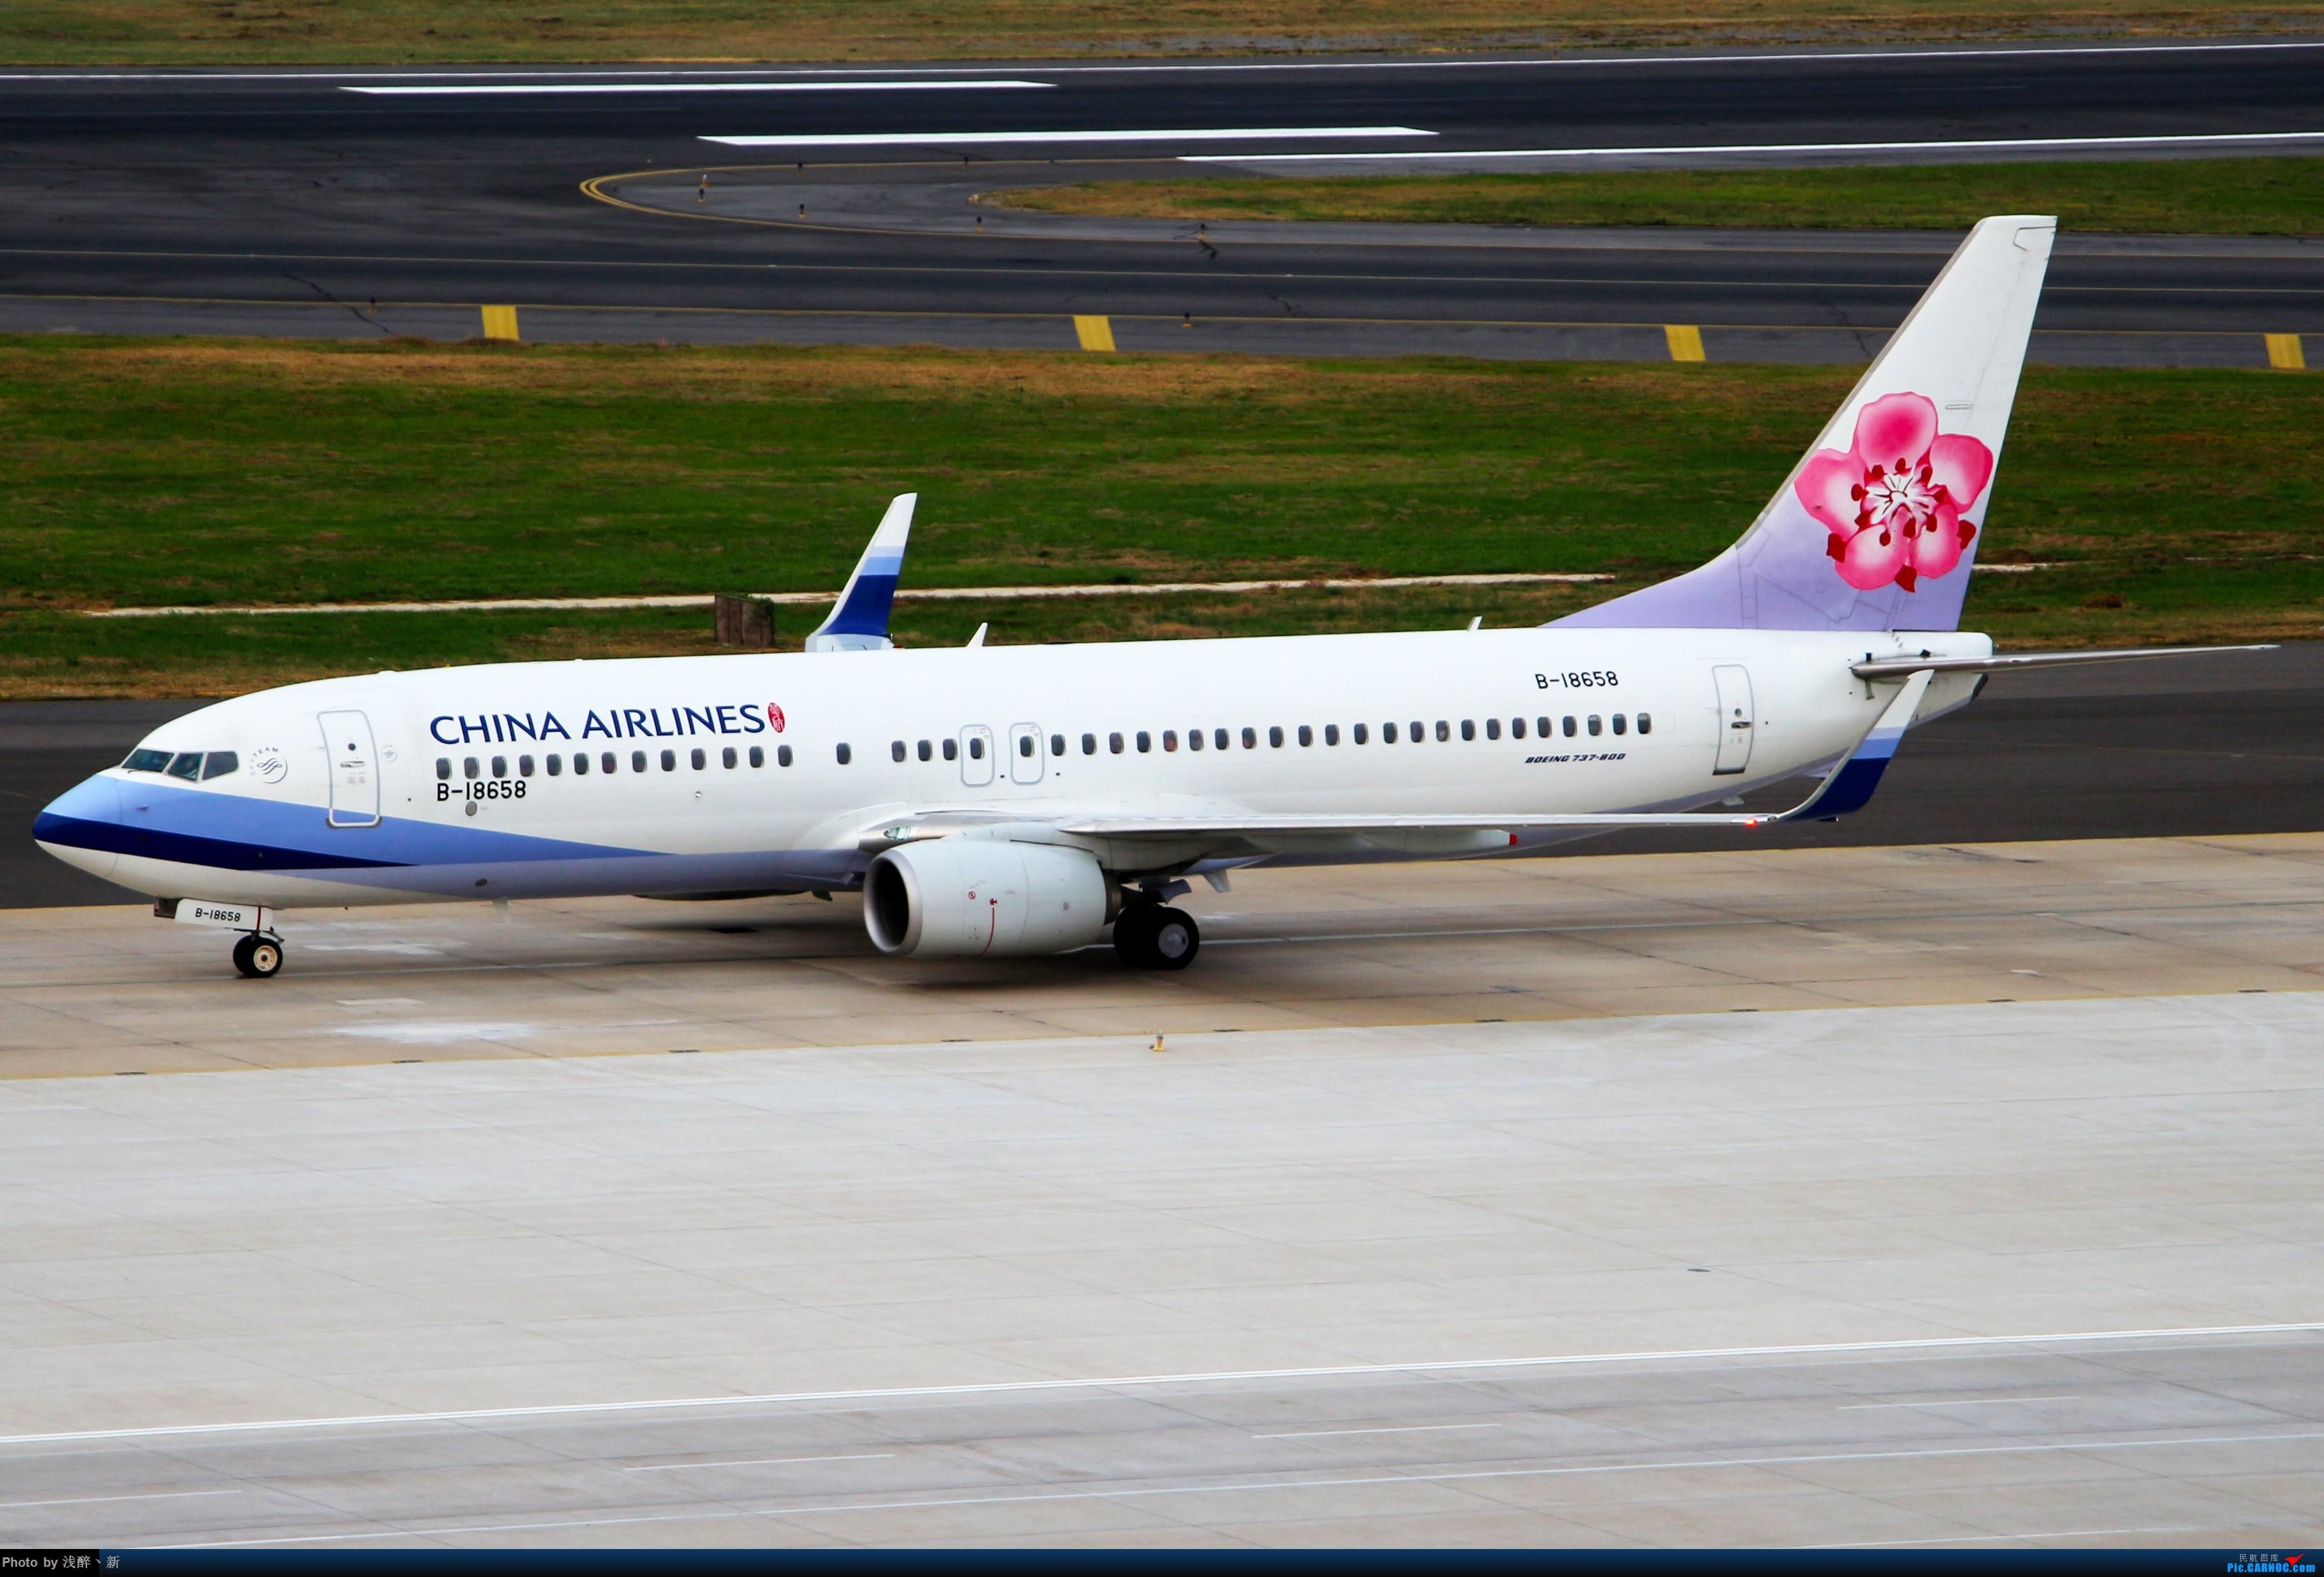 [原创]DLC 9.15 日常杂货 BOEING 737-800 B-18658 中国大连国际机场